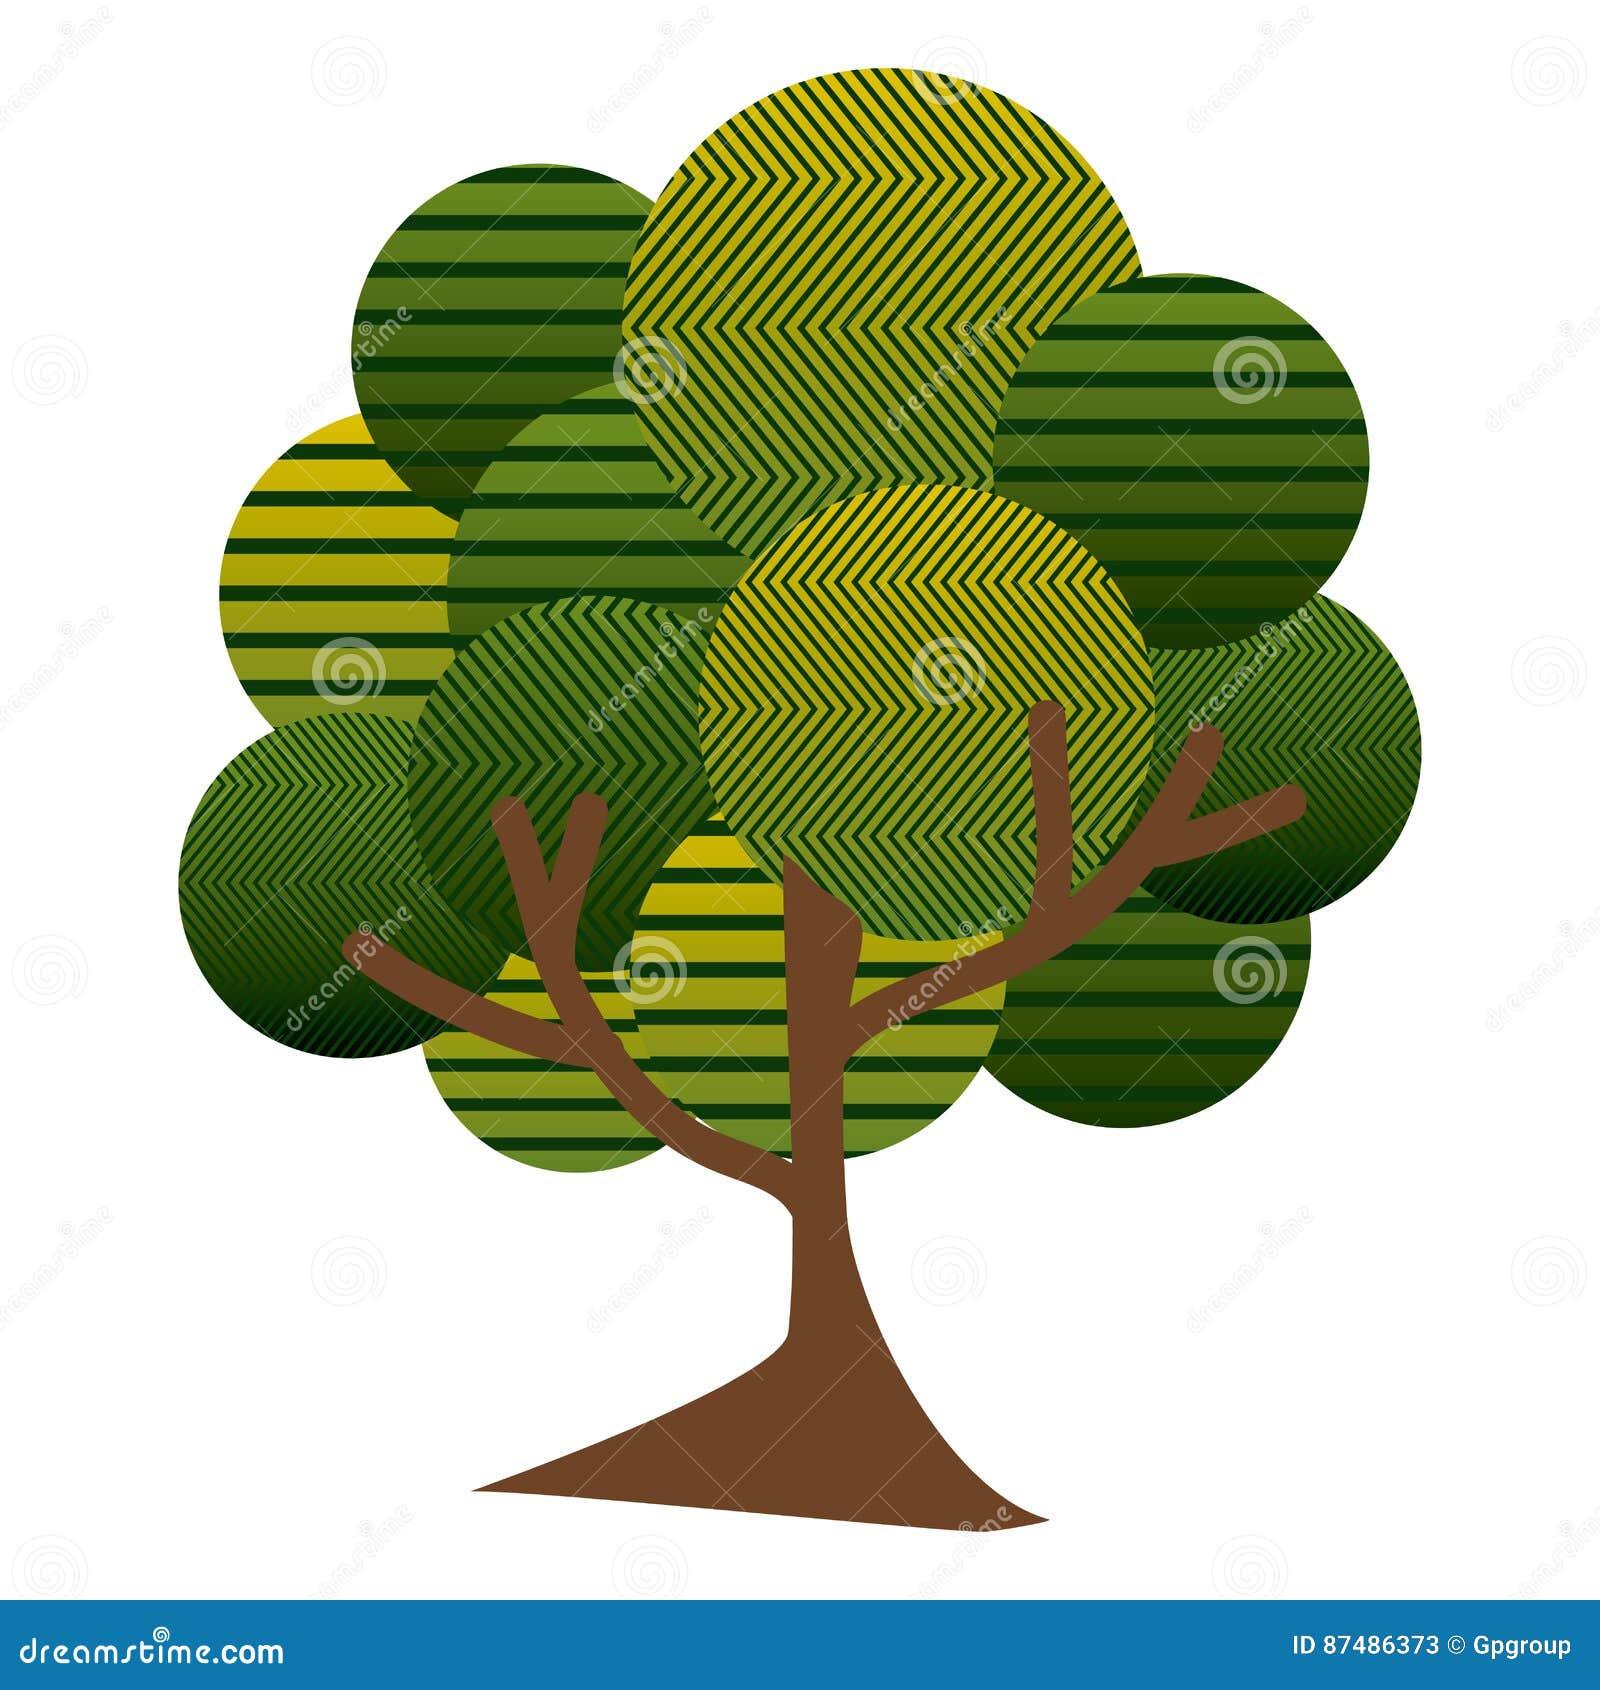 Bunte belaubte Baumanlage mit abstrakten Linien und dünnem Stamm